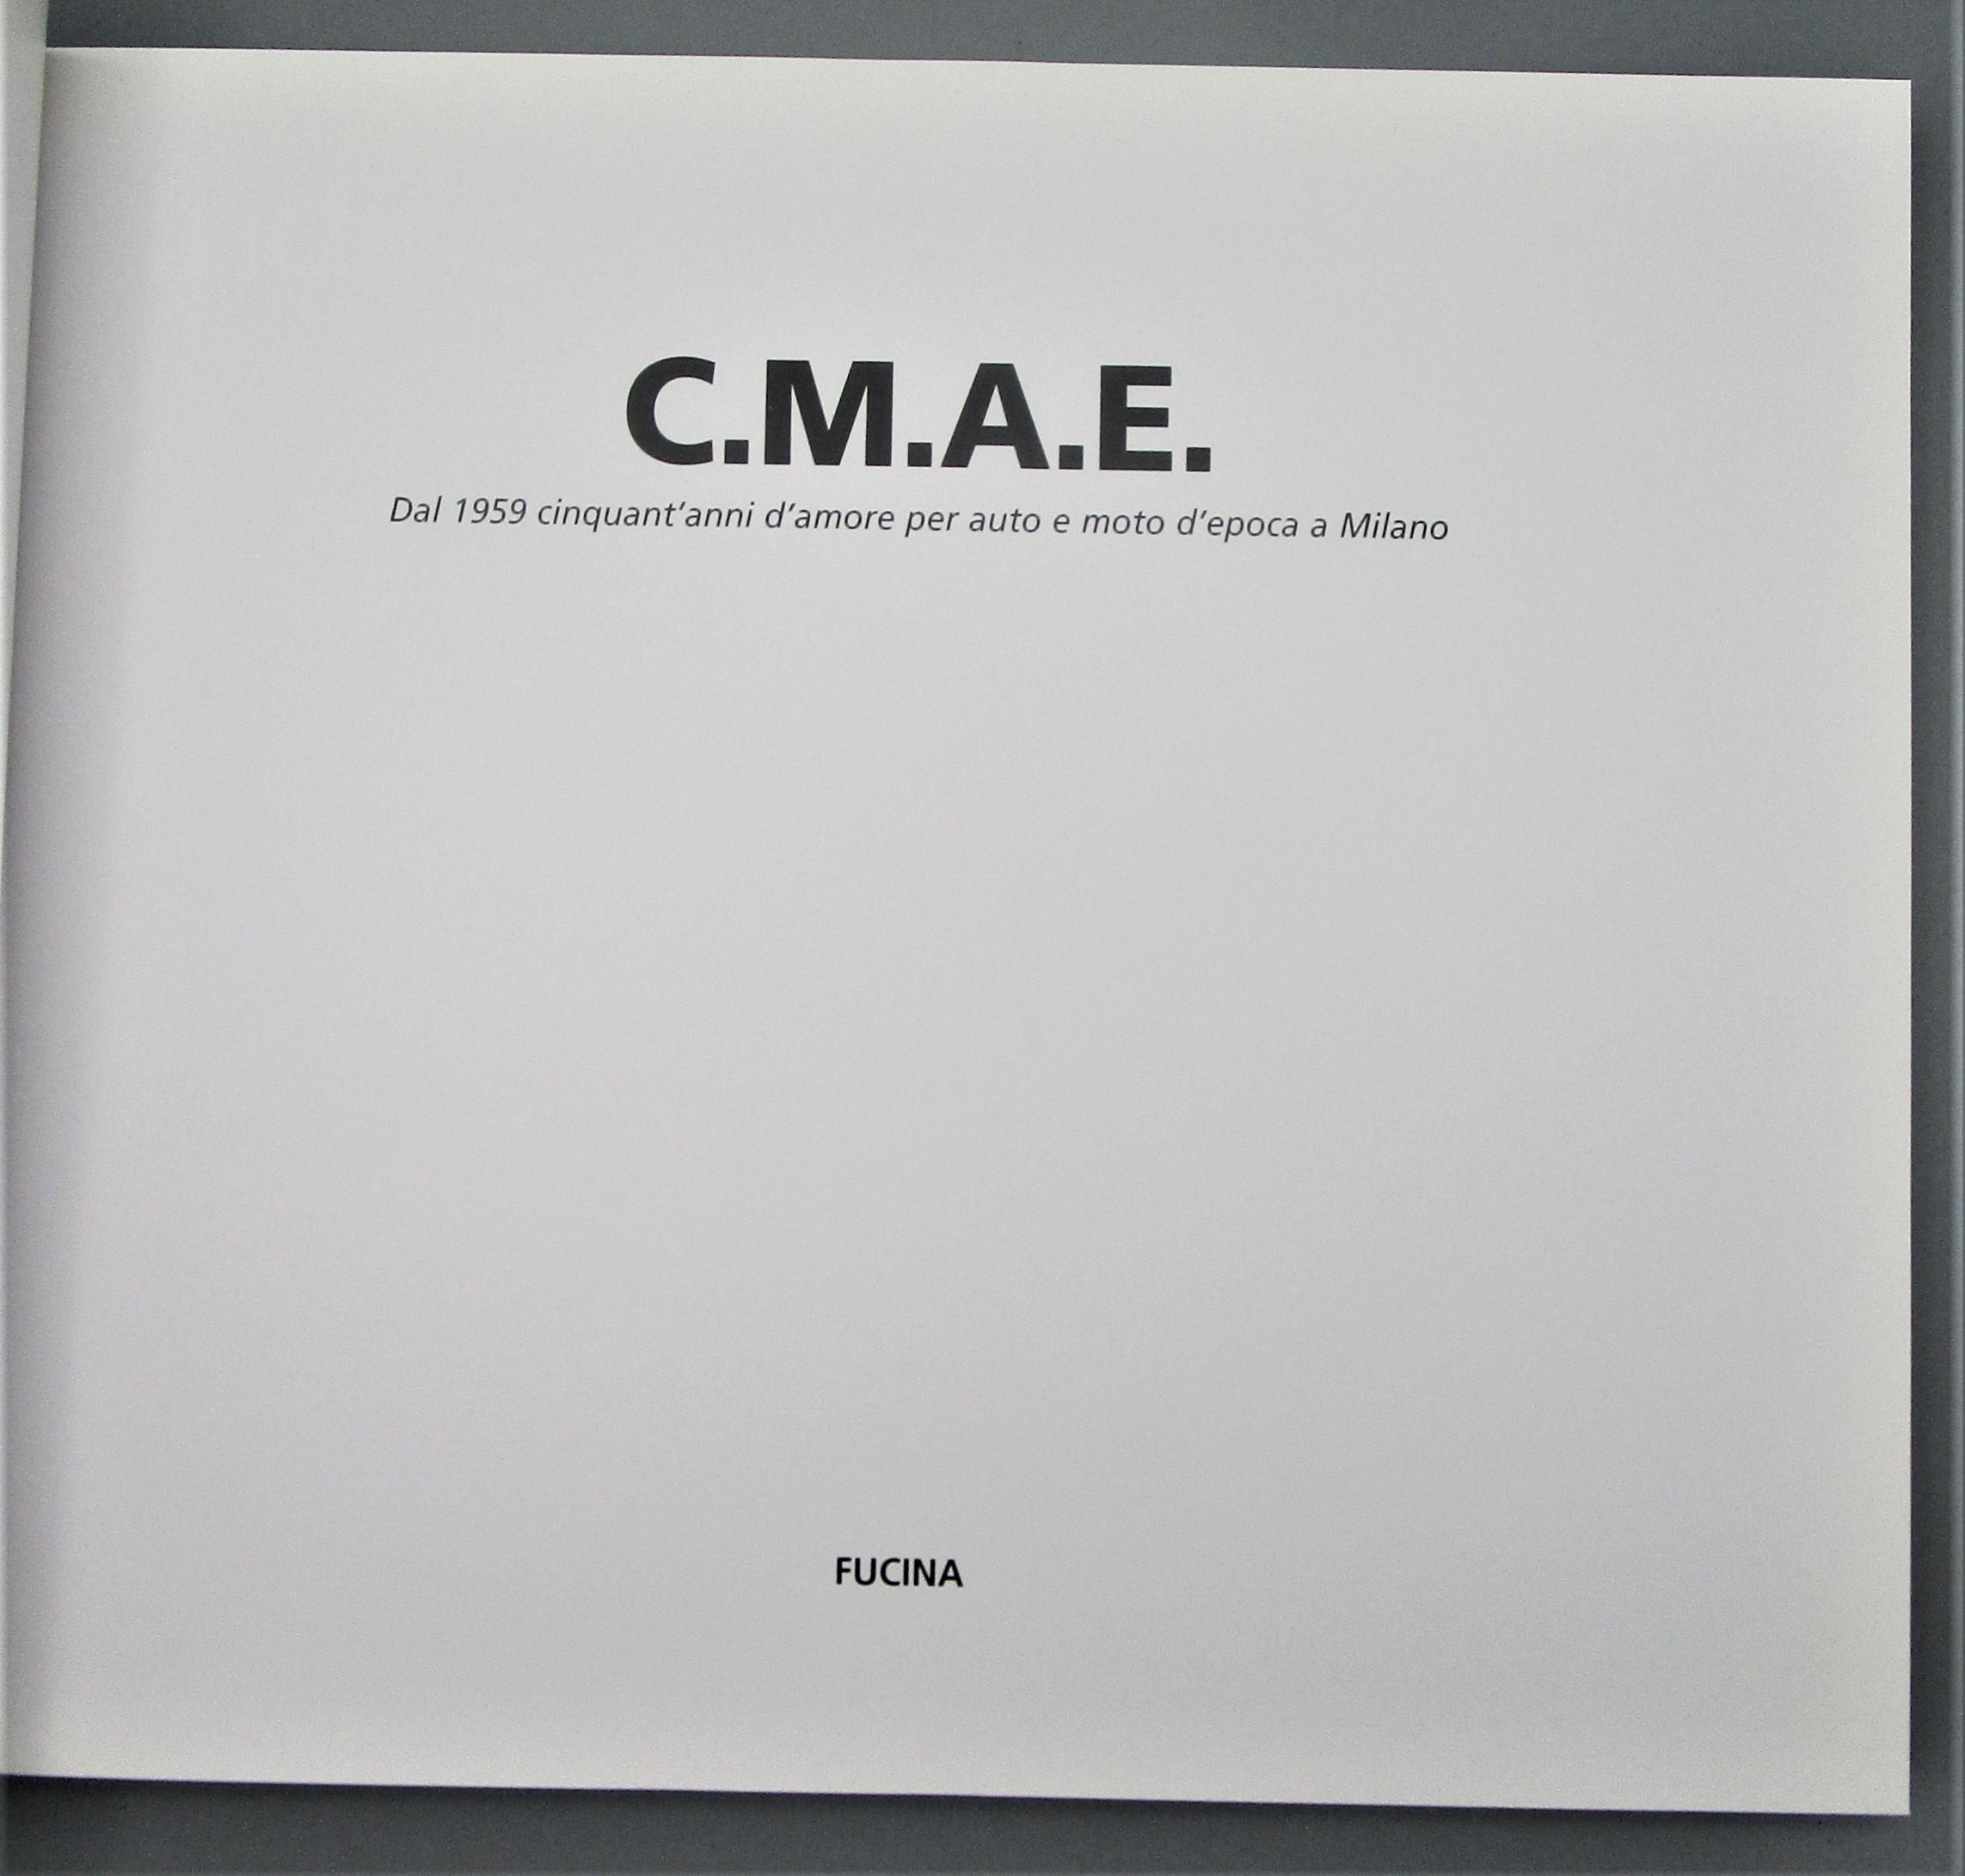 CMAE: DAL 1959 CINQUANT'ANNI D'AMORE PER AUTO E MOTO D'EPOCA A MILANO - 2009